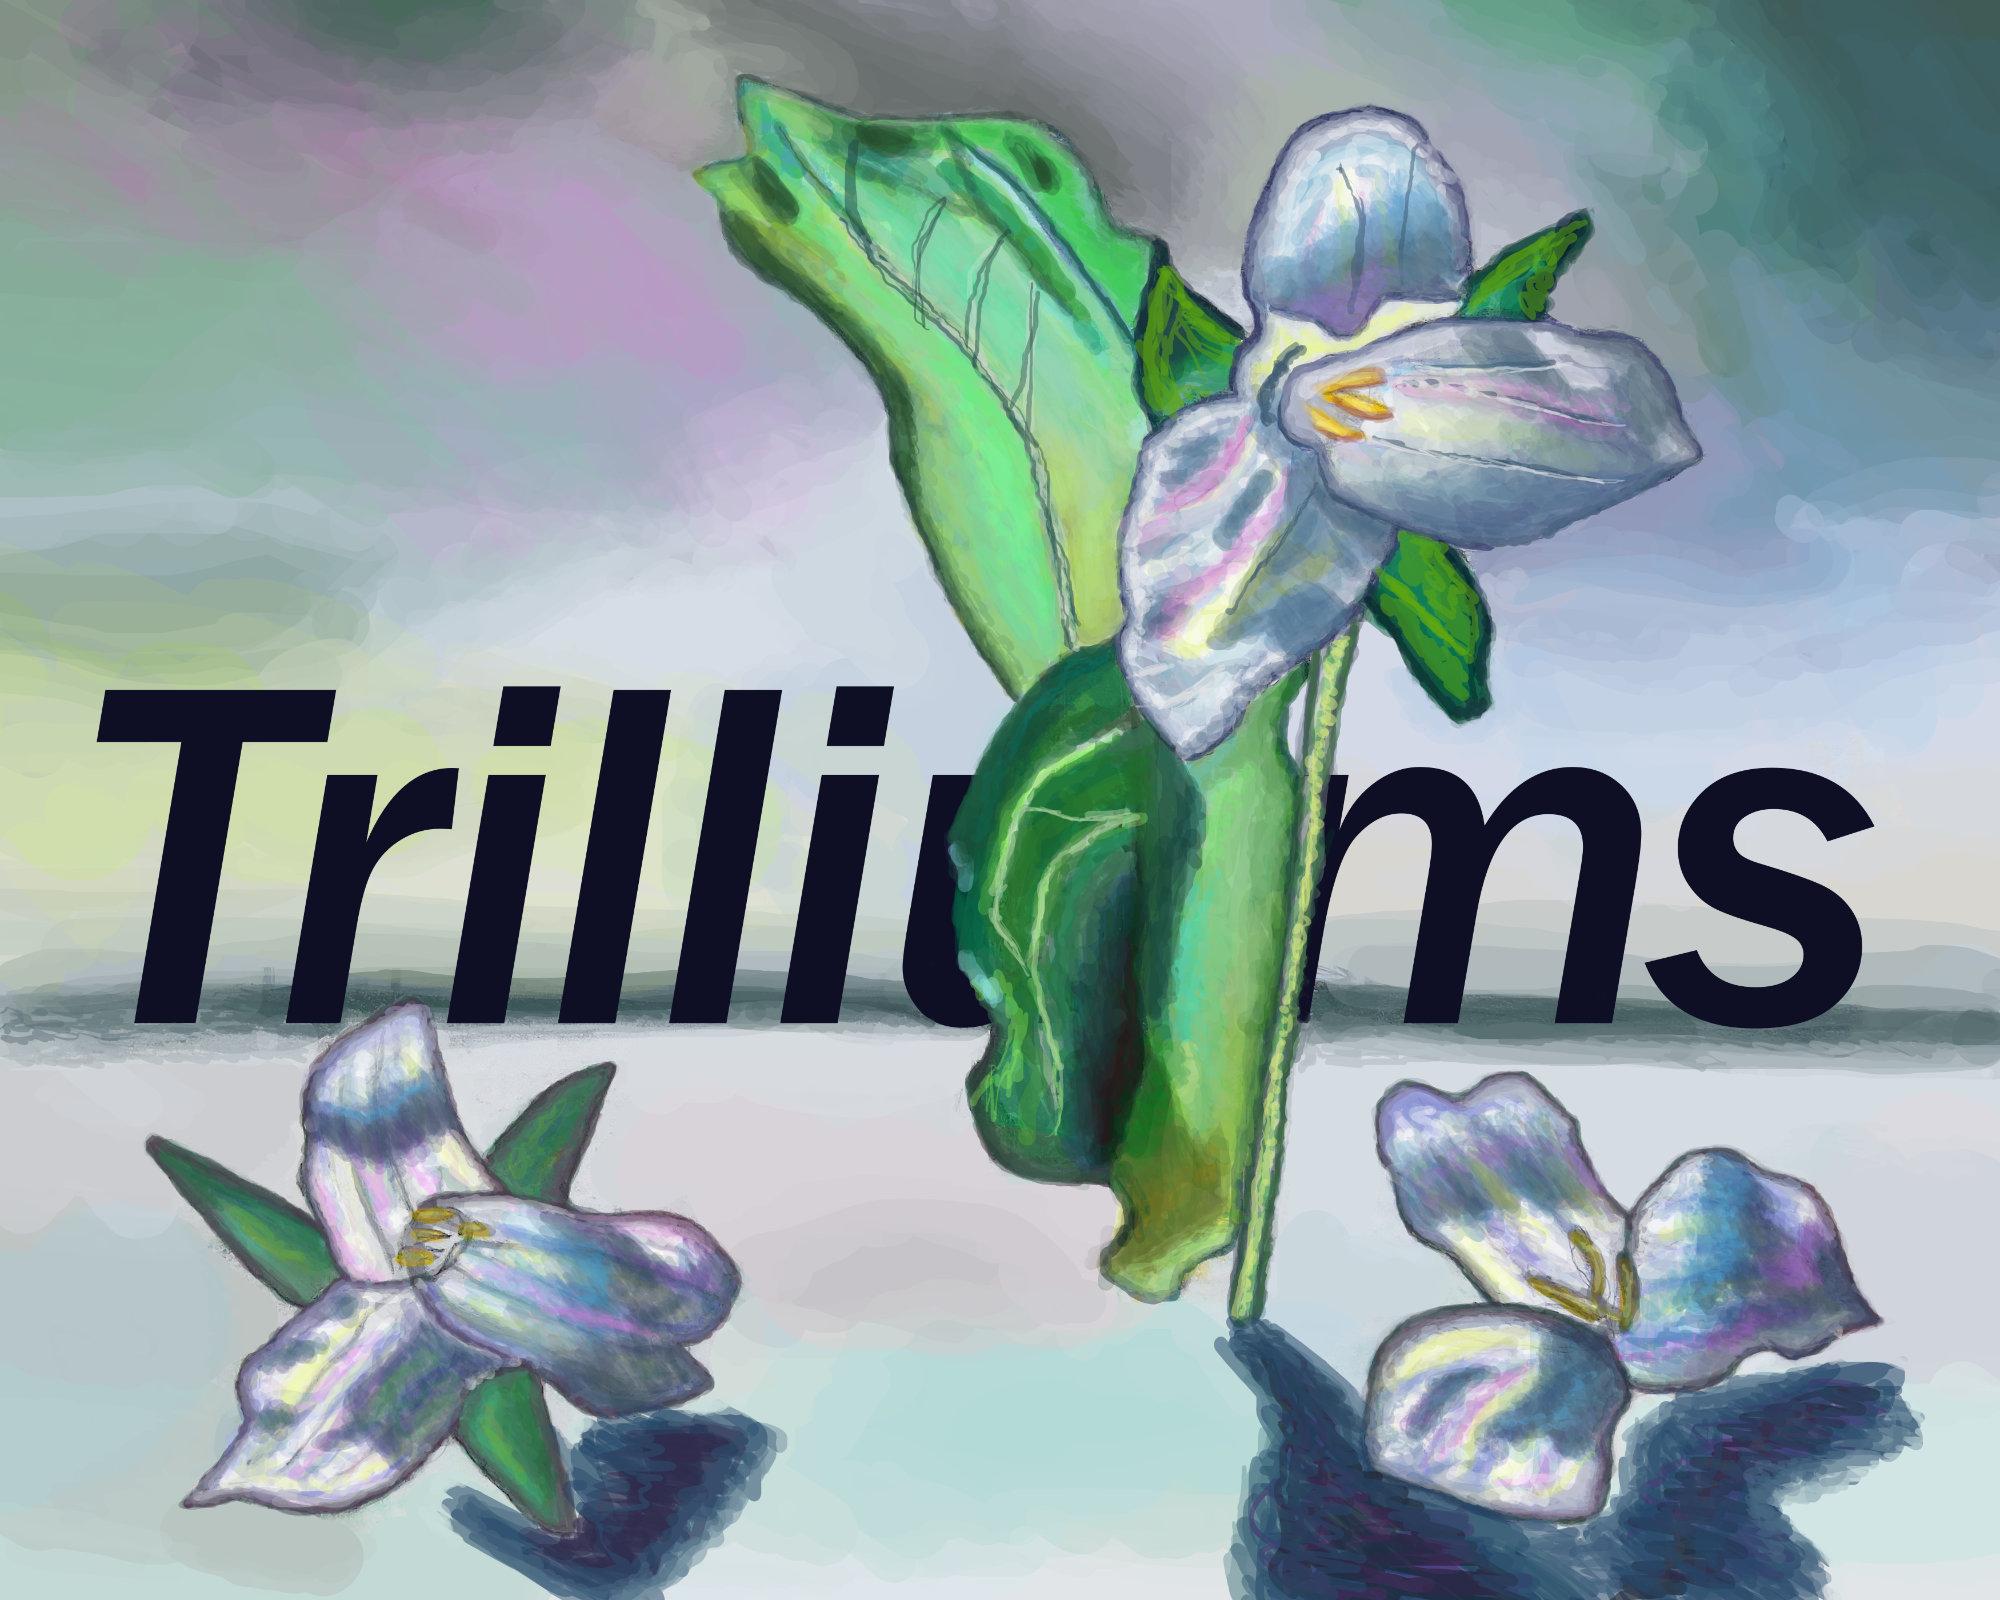 Trilliumsv7_Text_proof_ul